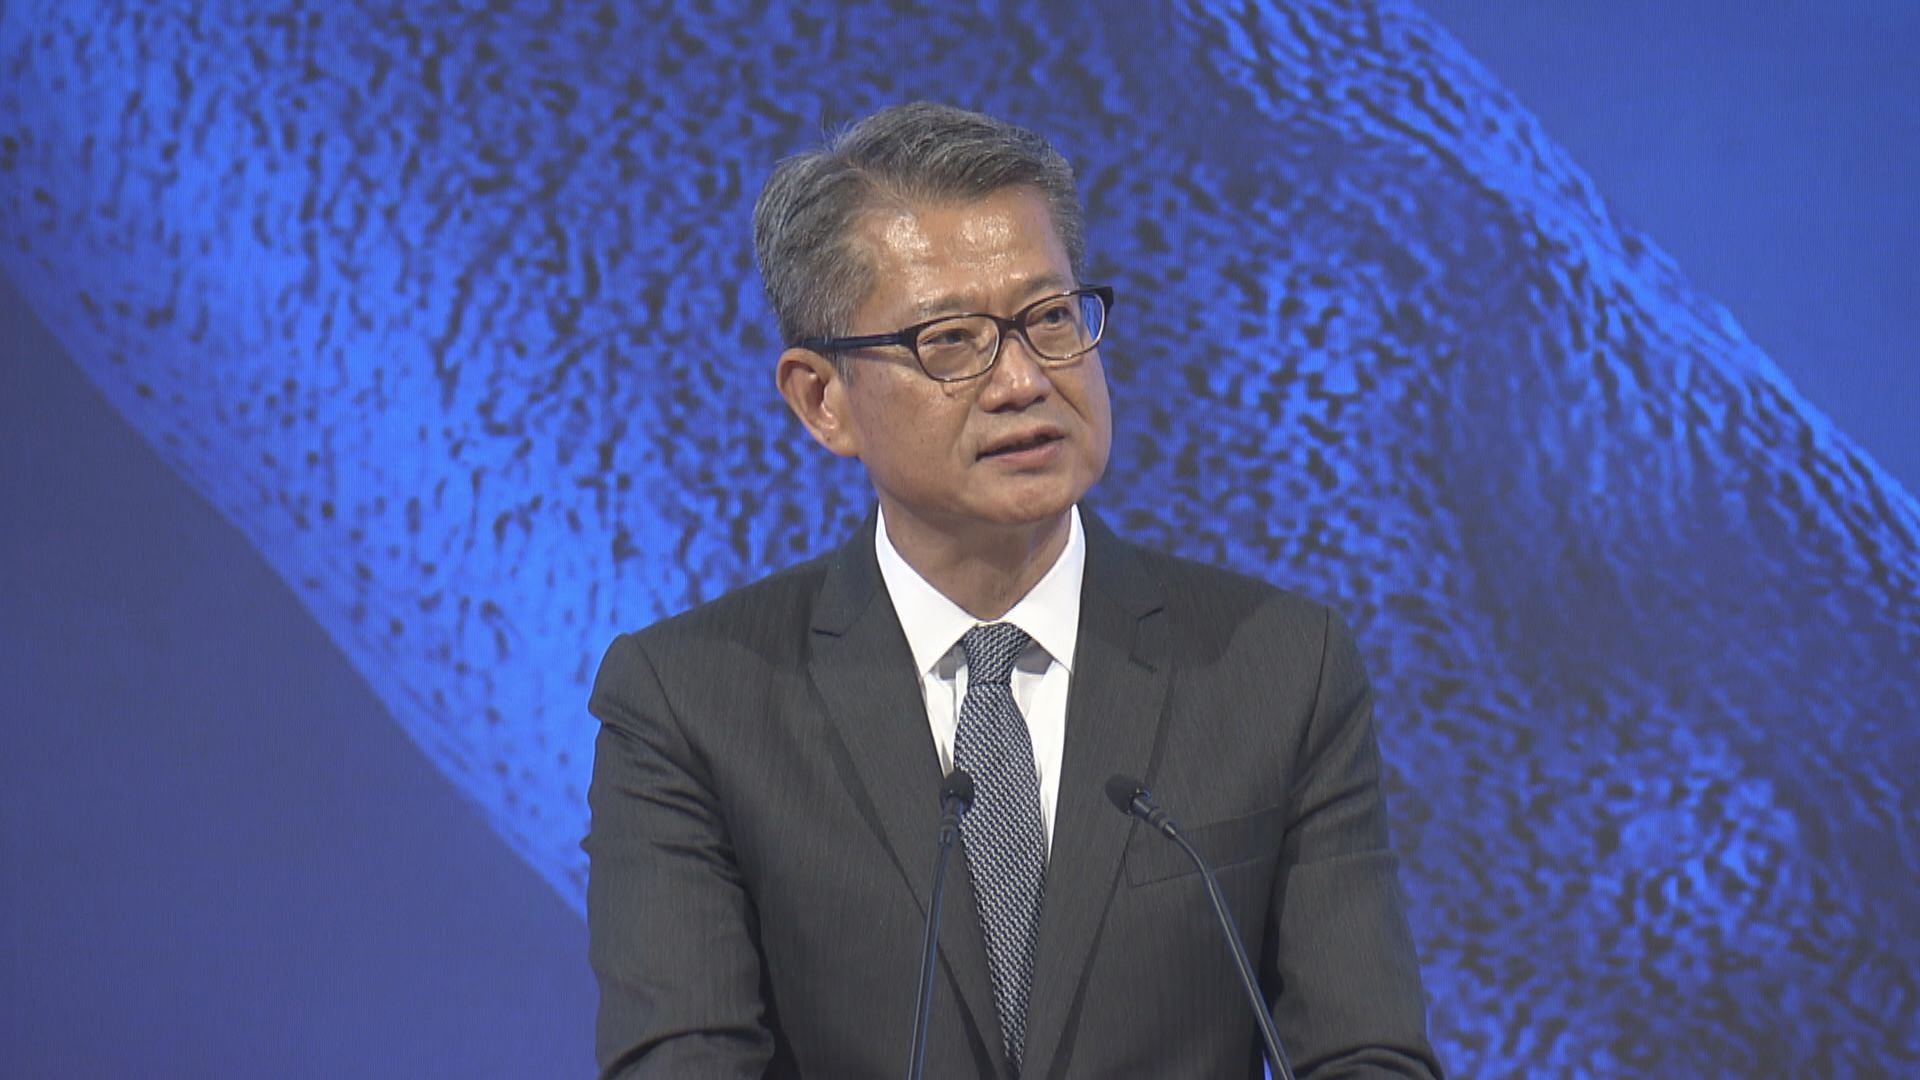 陳茂波:最新失業率將攀升至九年來最高水平